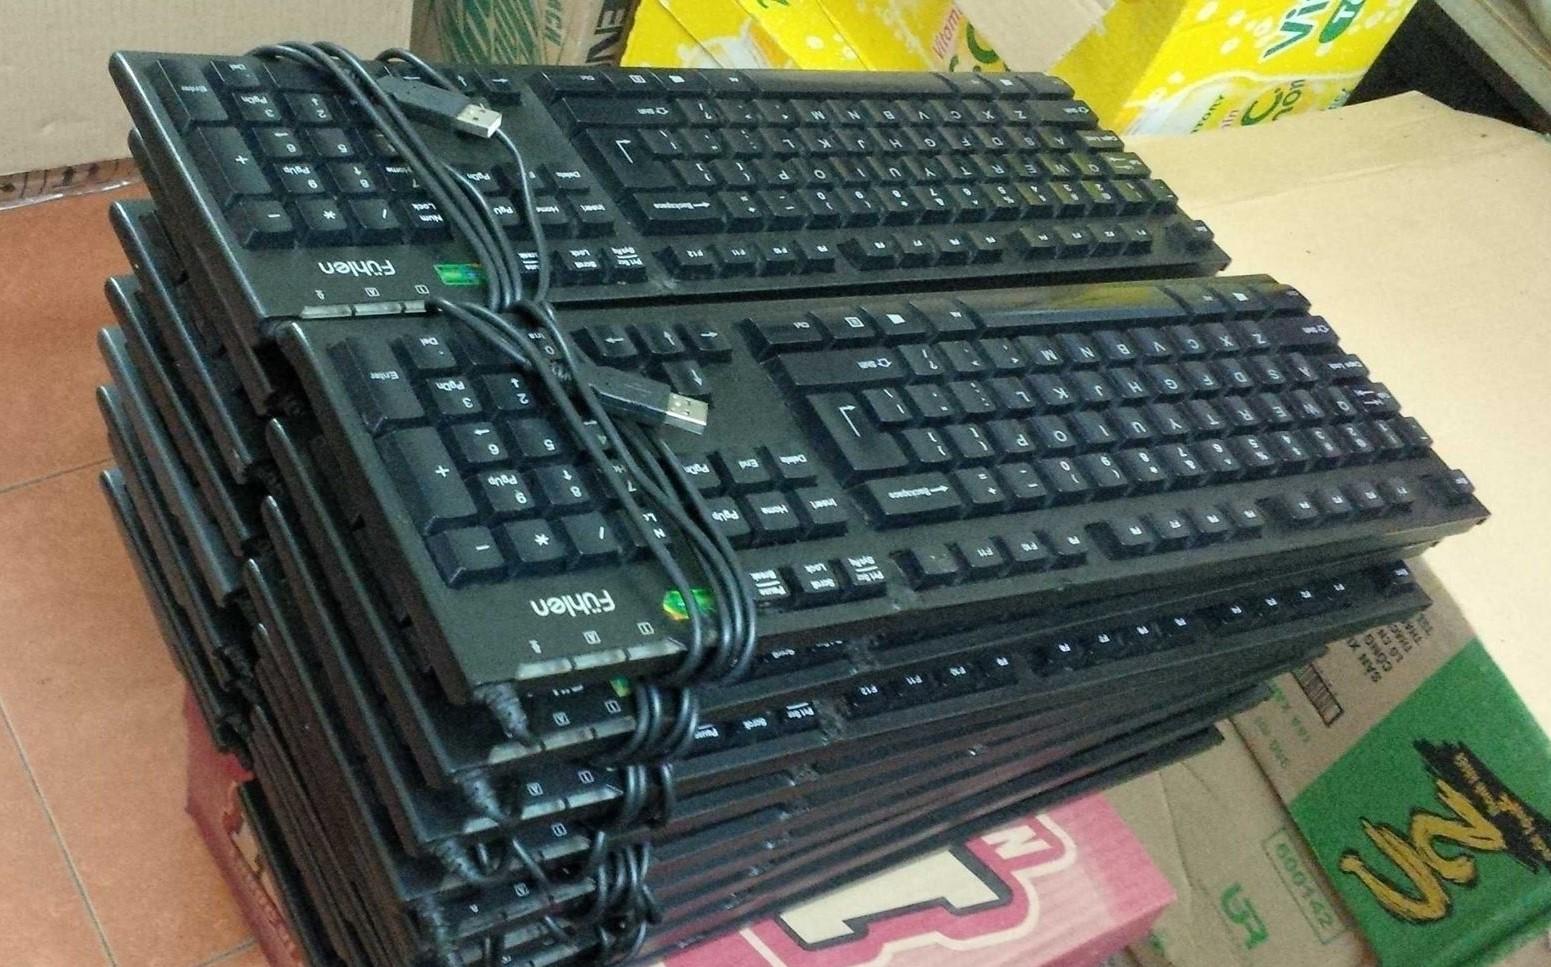 1 BÀN PHÍM CŨ chuyên cung  cấp cho dàn net, có bán lẻ: phím thường , phím GAMER... số lượng lớn